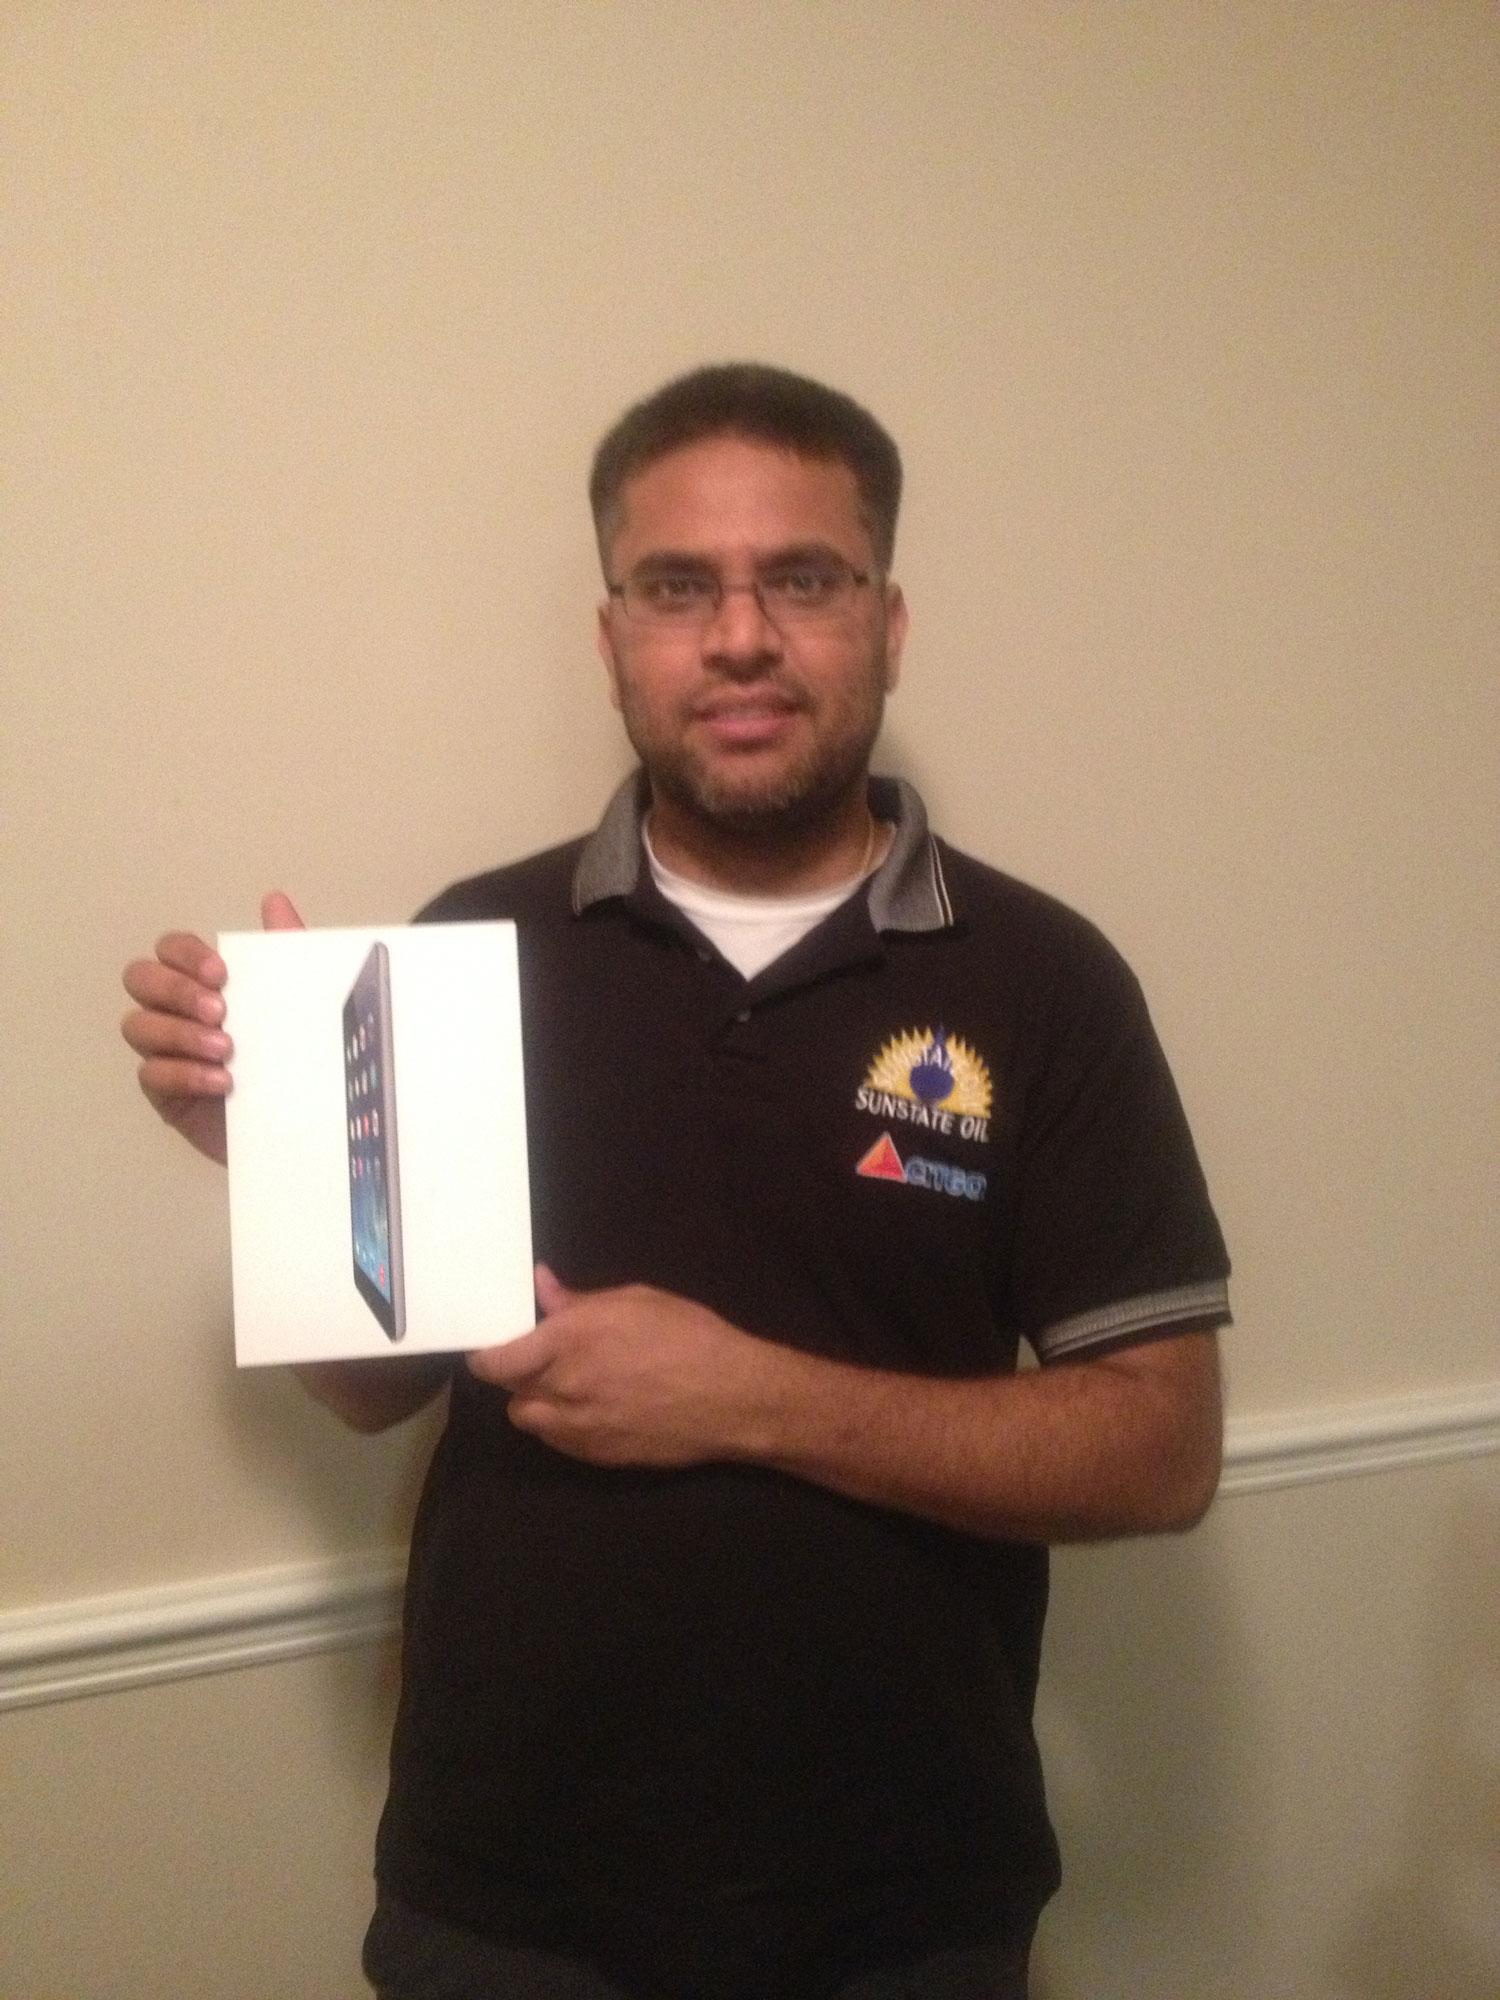 iPad mini Winner Mr Patel